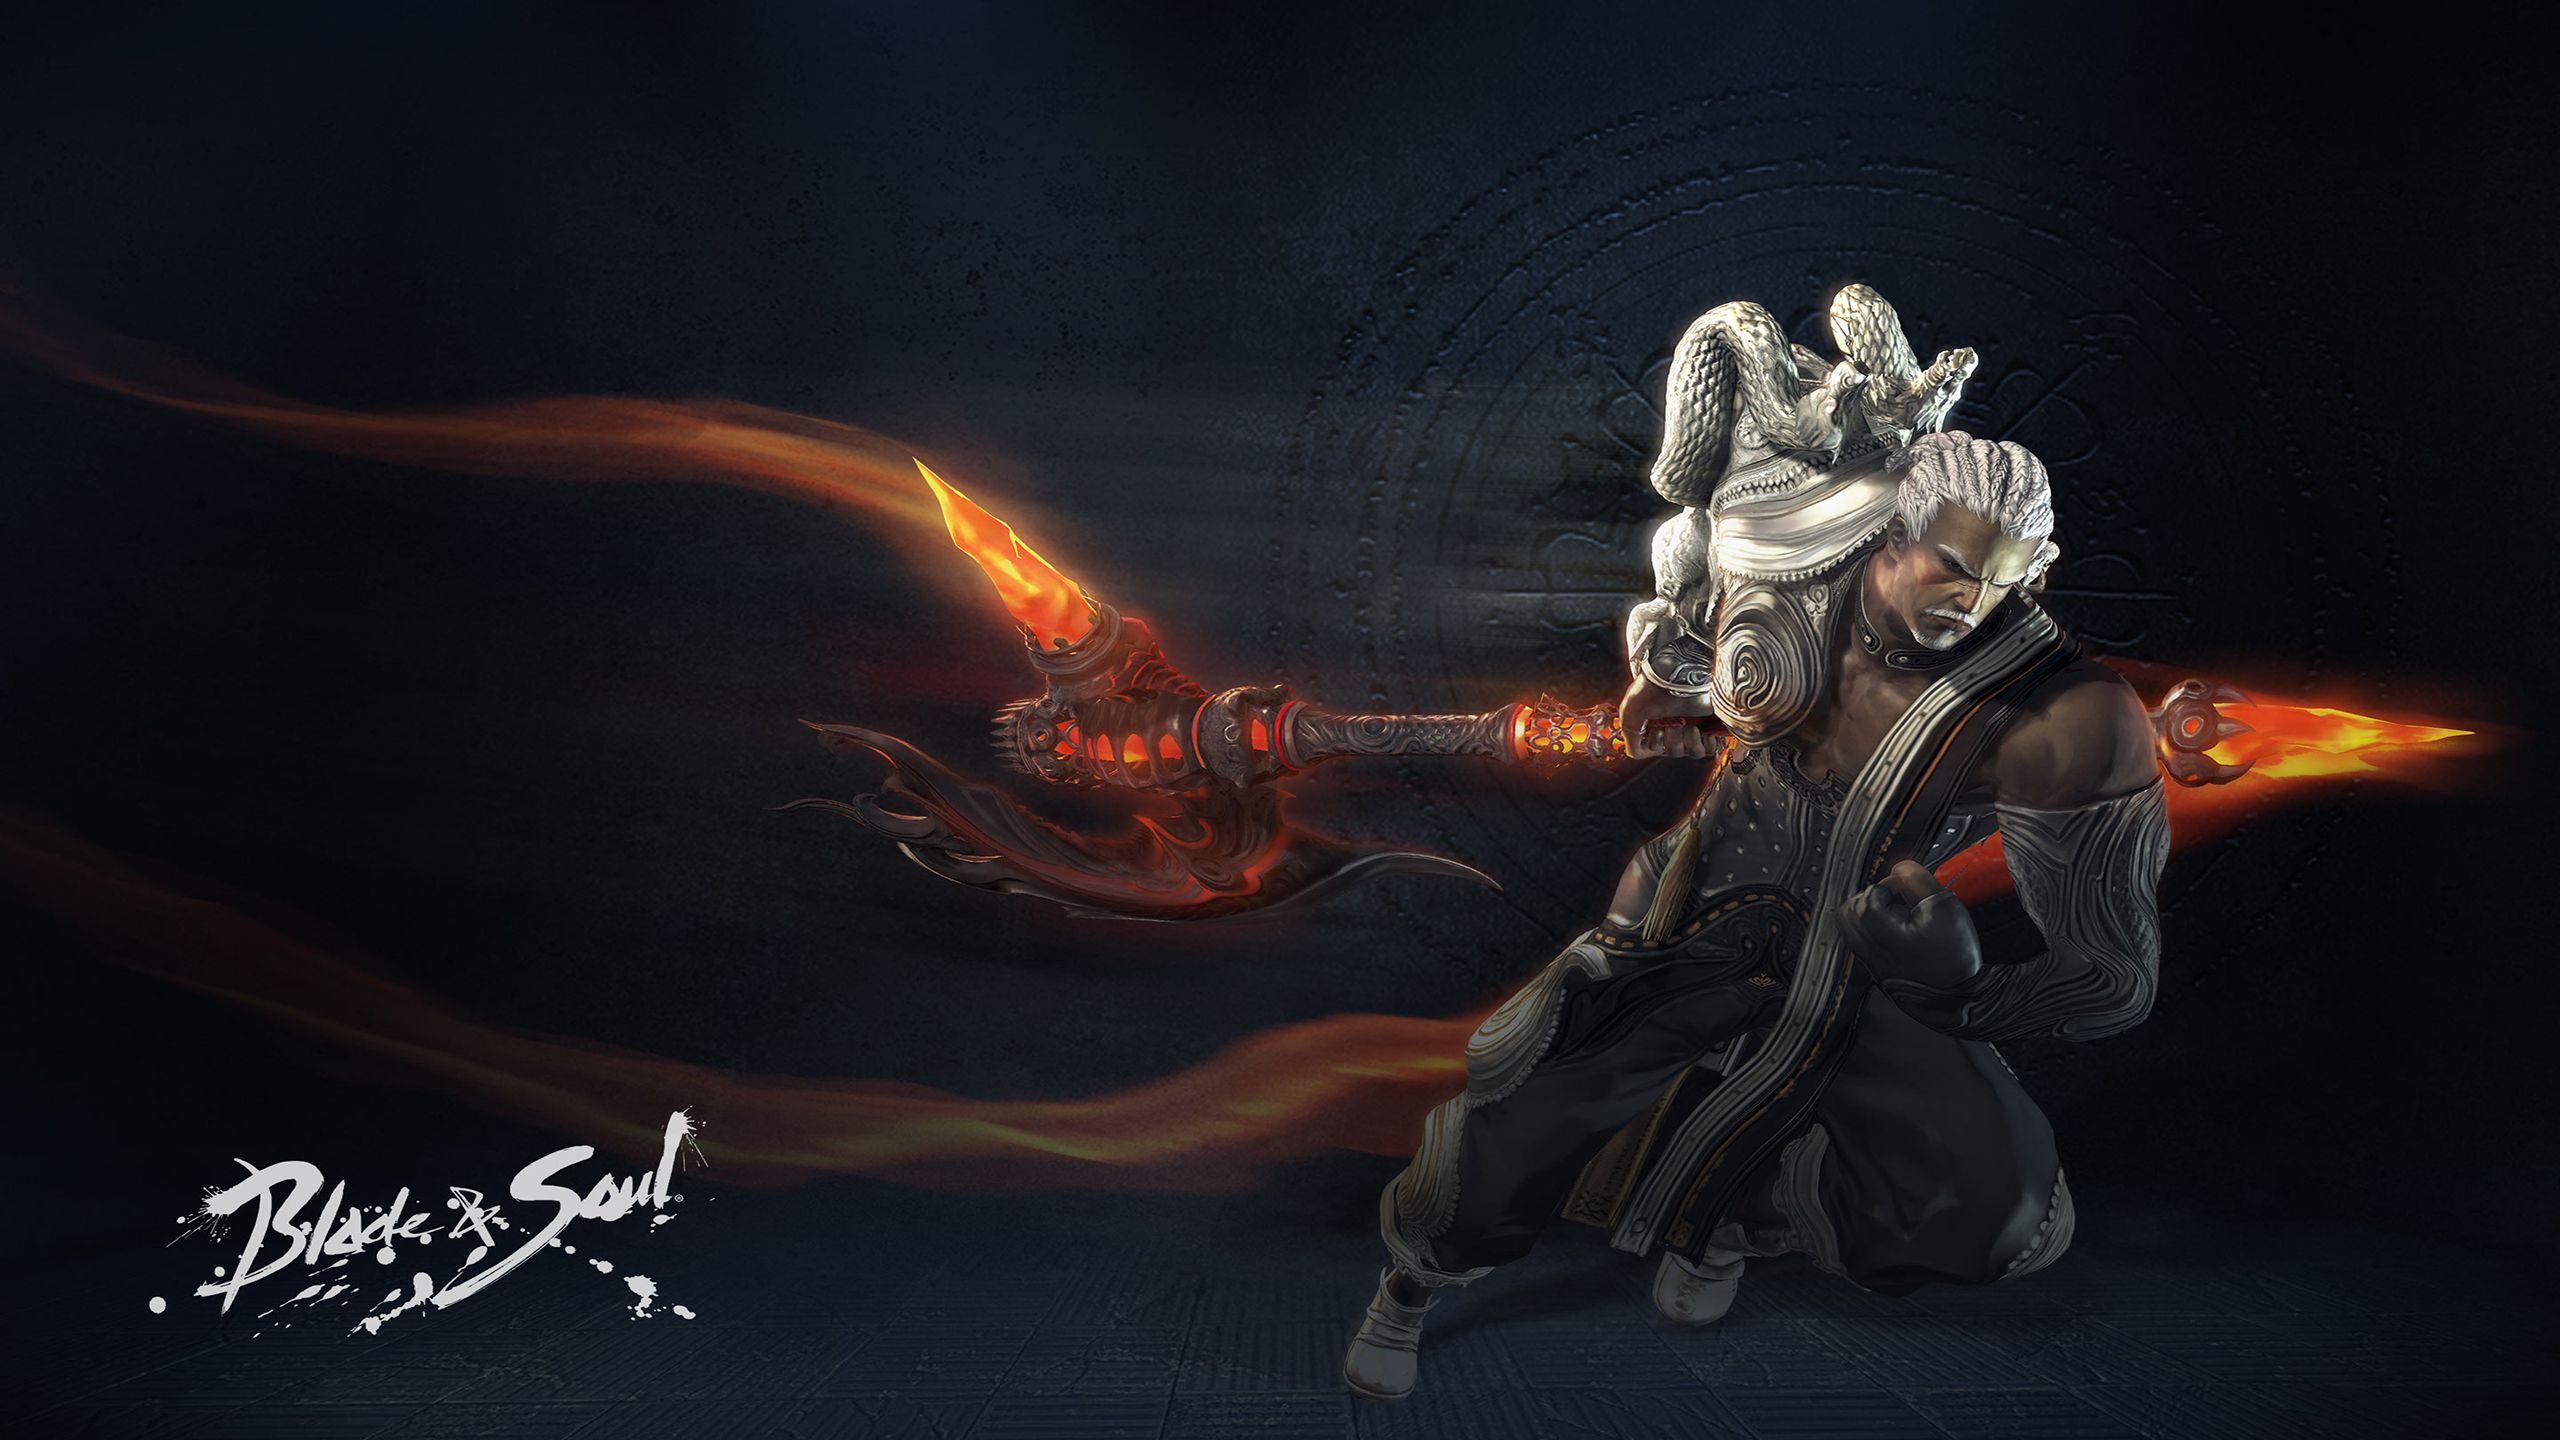 Blade And Soul Wallpaper: Blade & Soul Destroyer Download Blade & Soul Destroyer